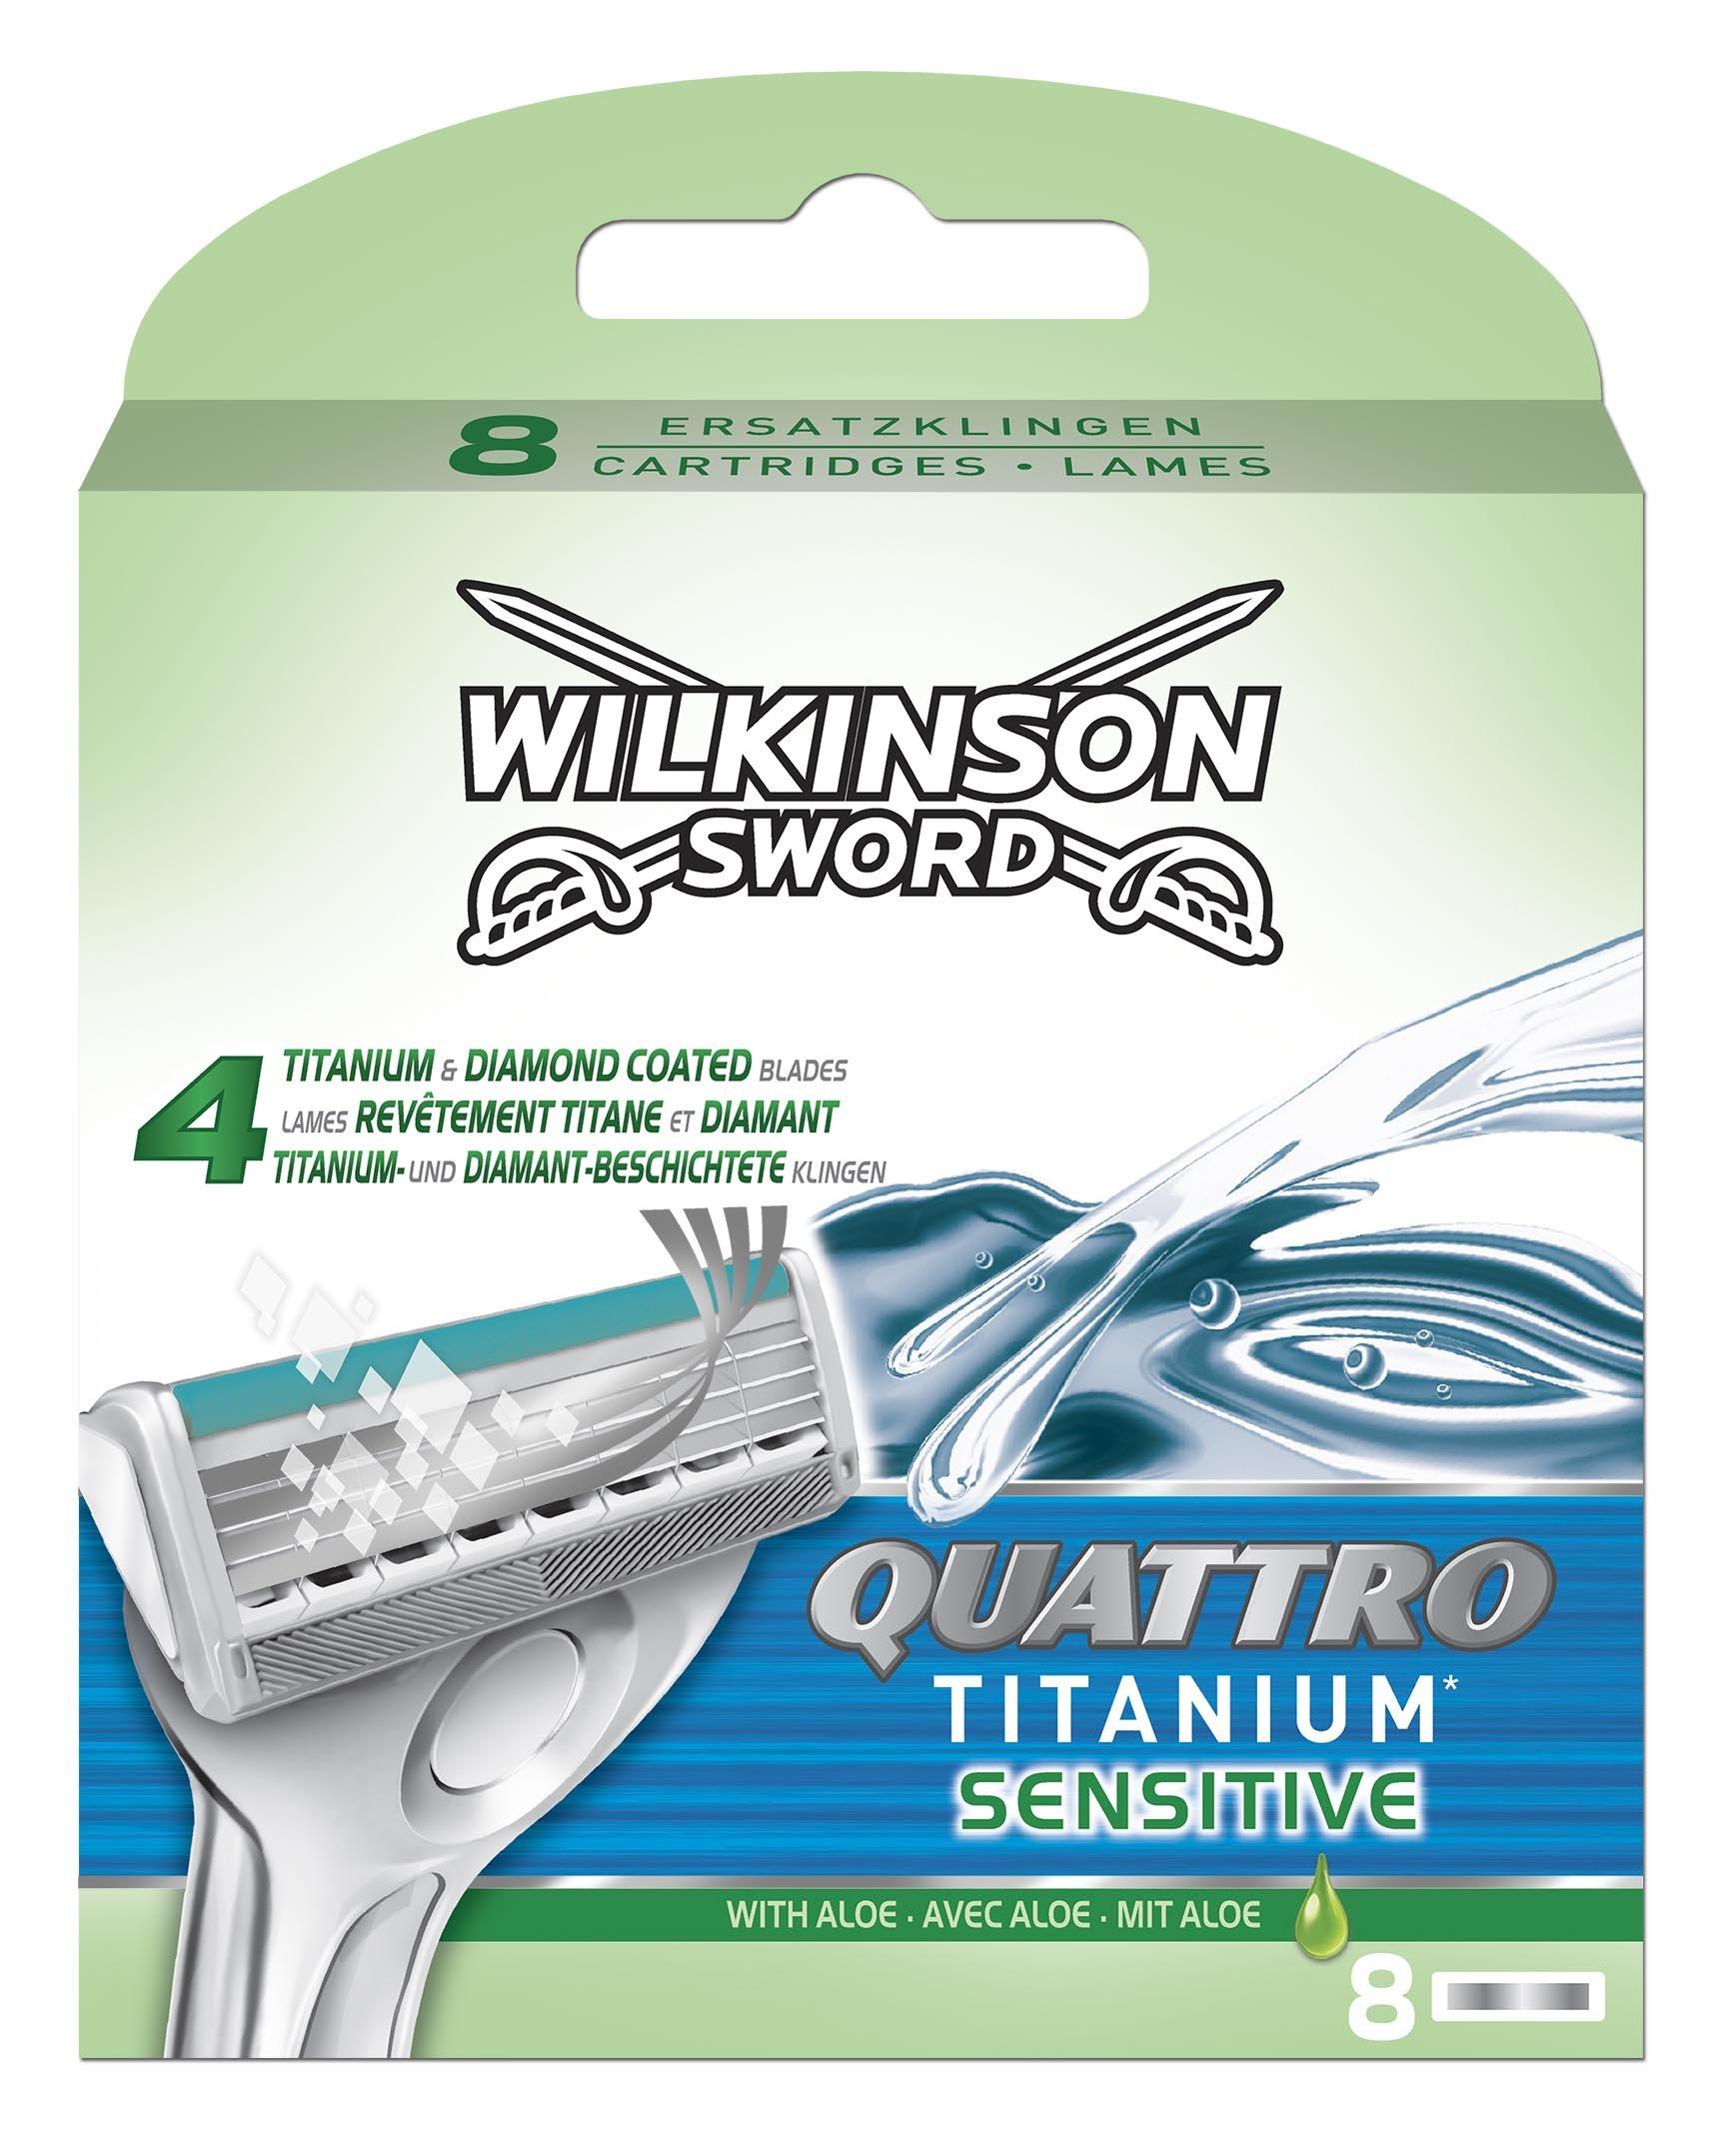 Wilkinson Sword Quattro Titanium Sensitive Refill Razor Blade Cartridges - Pack of 8 Cartridges product image